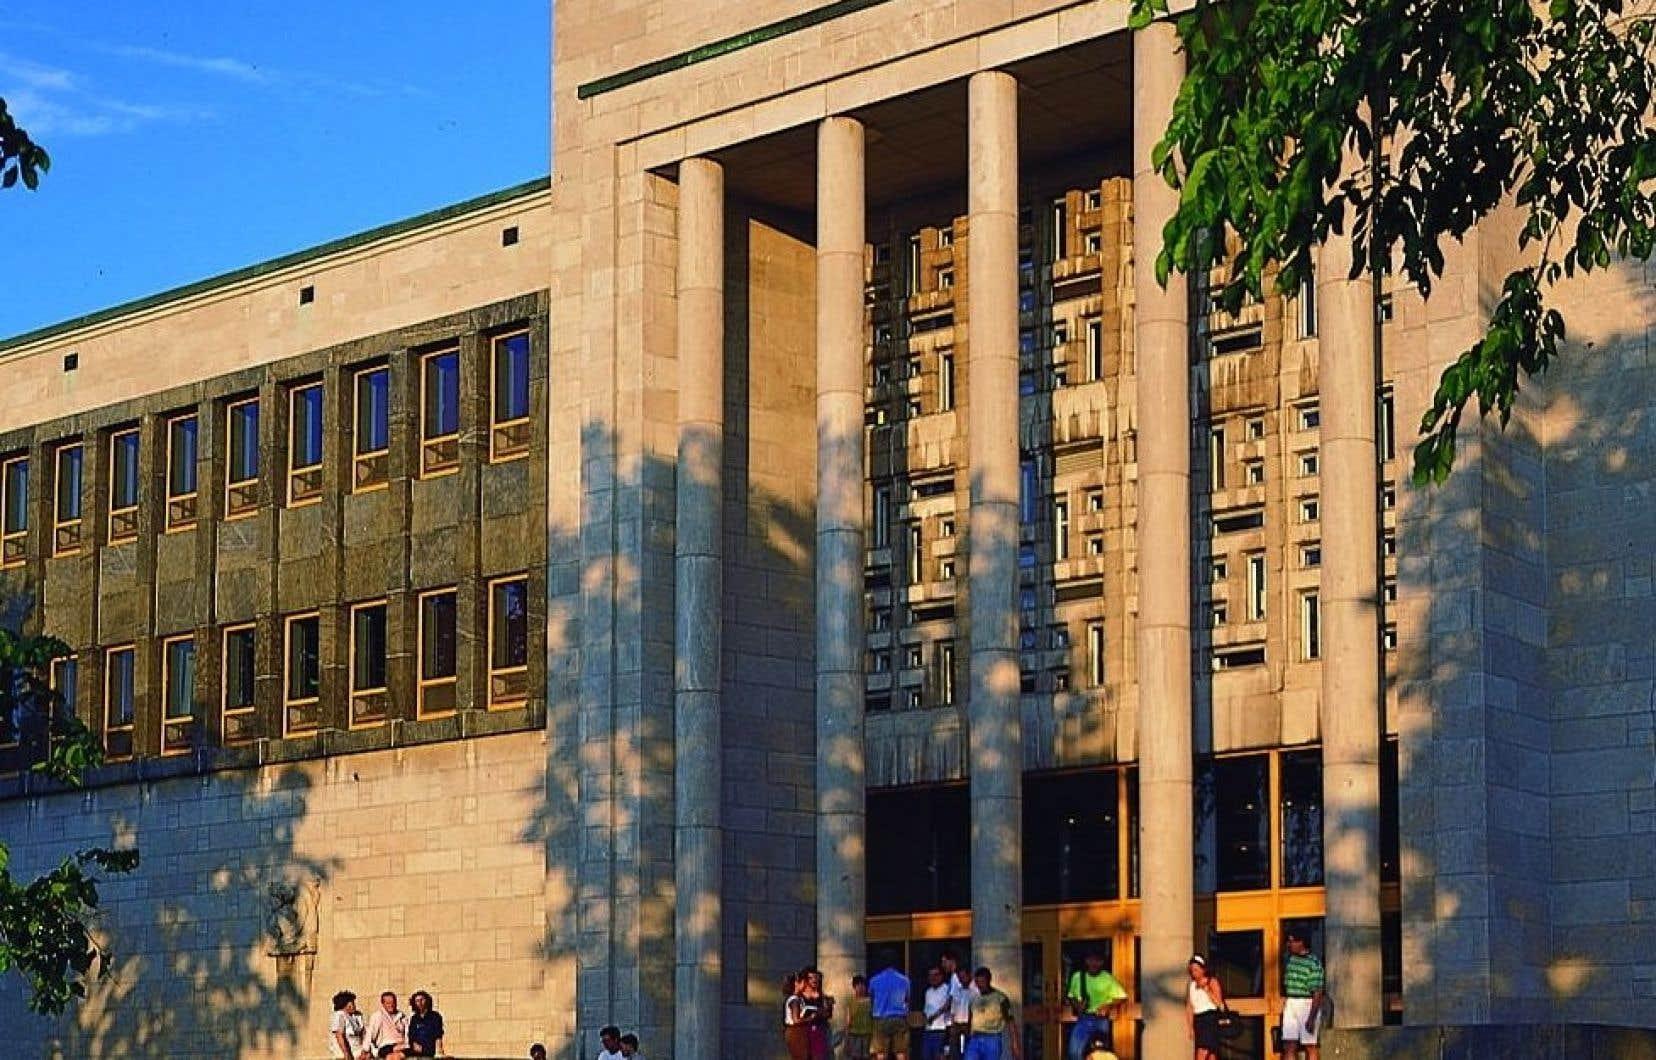 La Facult&eacute; des Sciences de l&#39;administration de l&#39;Universit&eacute; Laval<br />